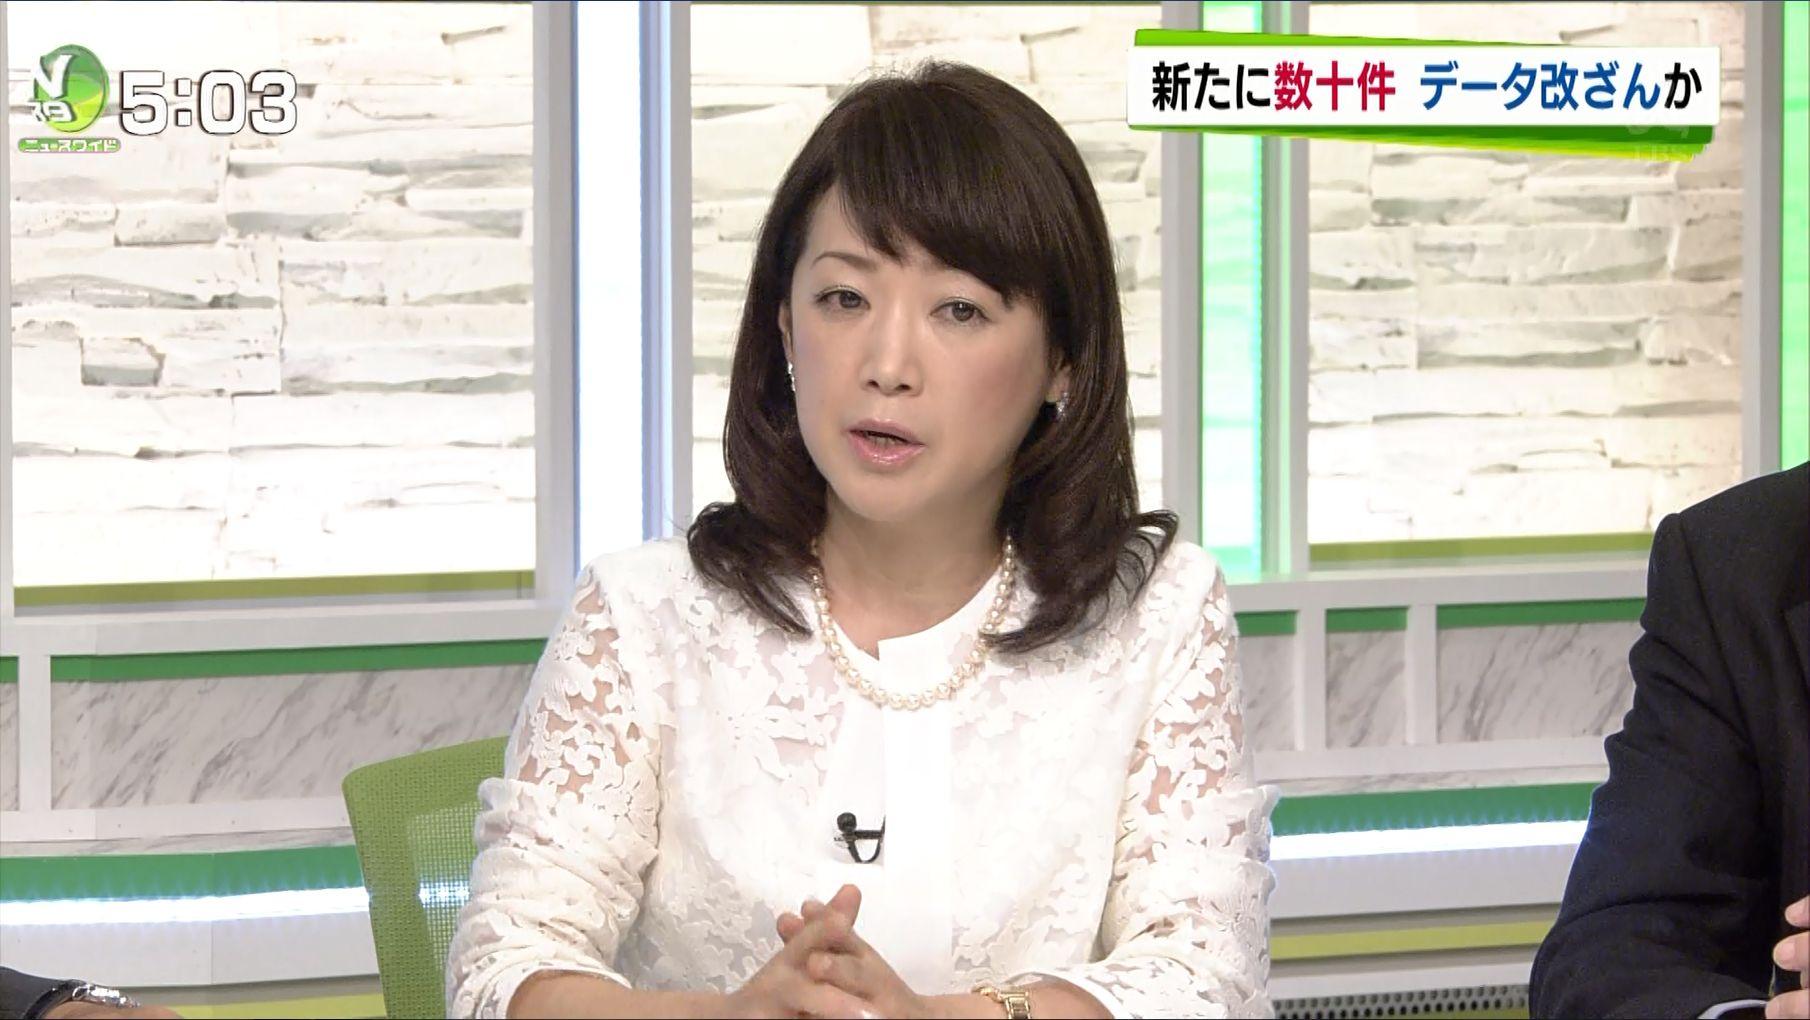 「萩谷麻衣子」の画像検索結果